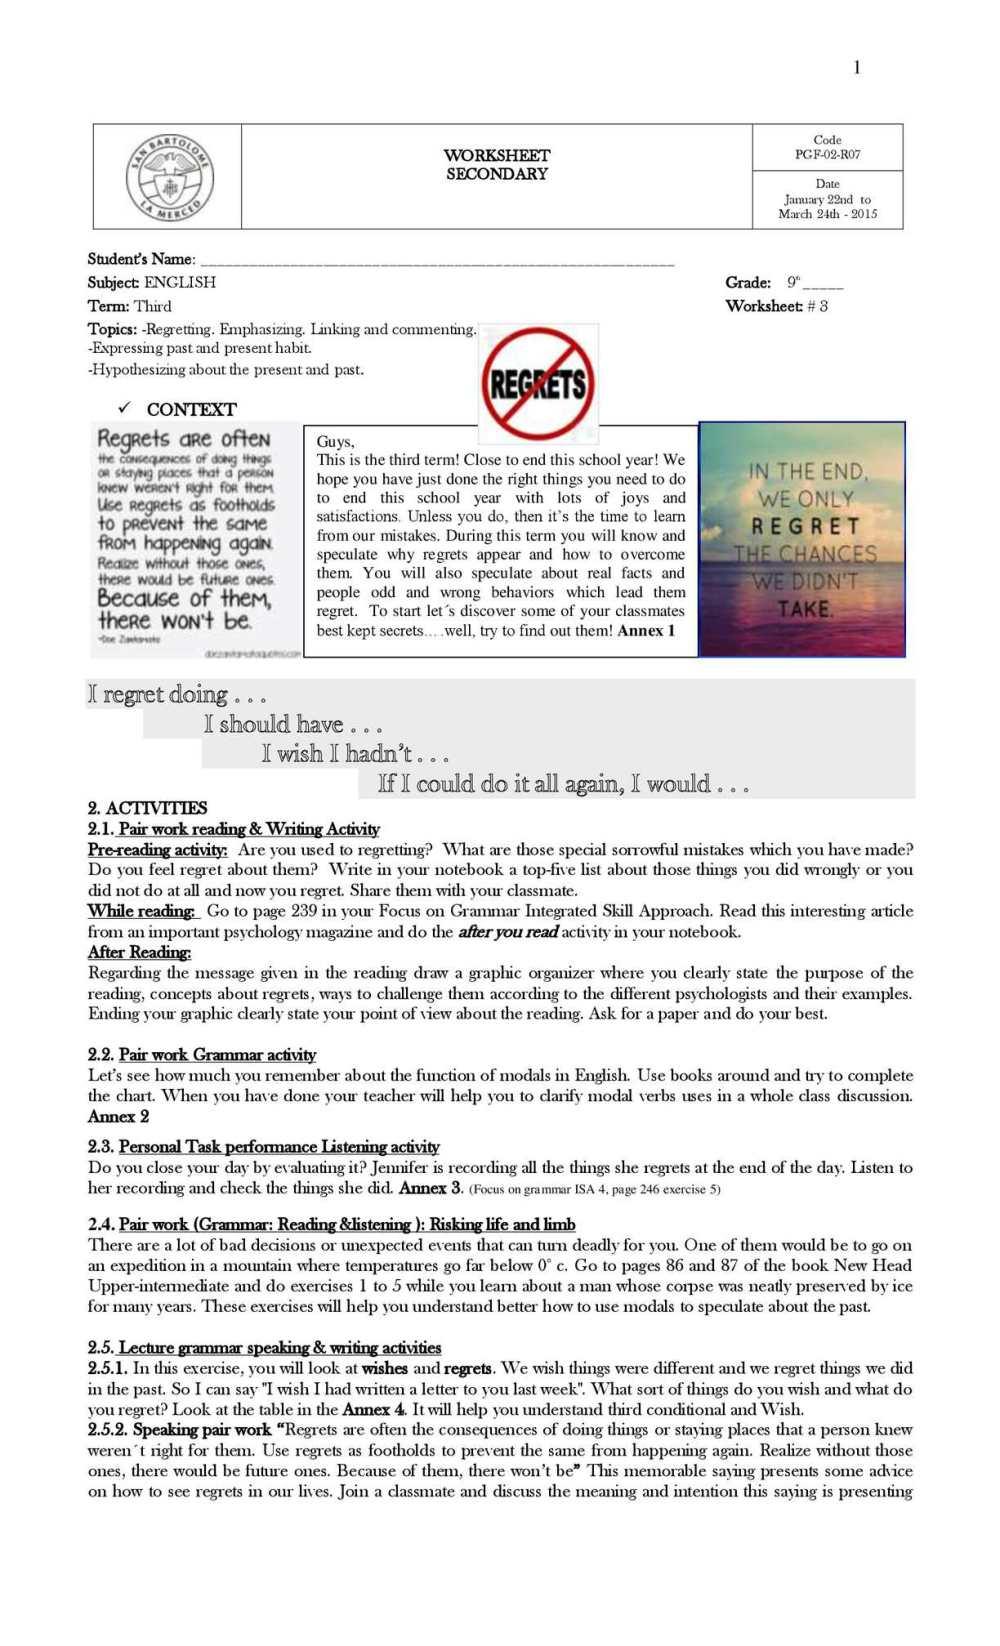 medium resolution of Calaméo - 3rd Worksheet 9th Grade